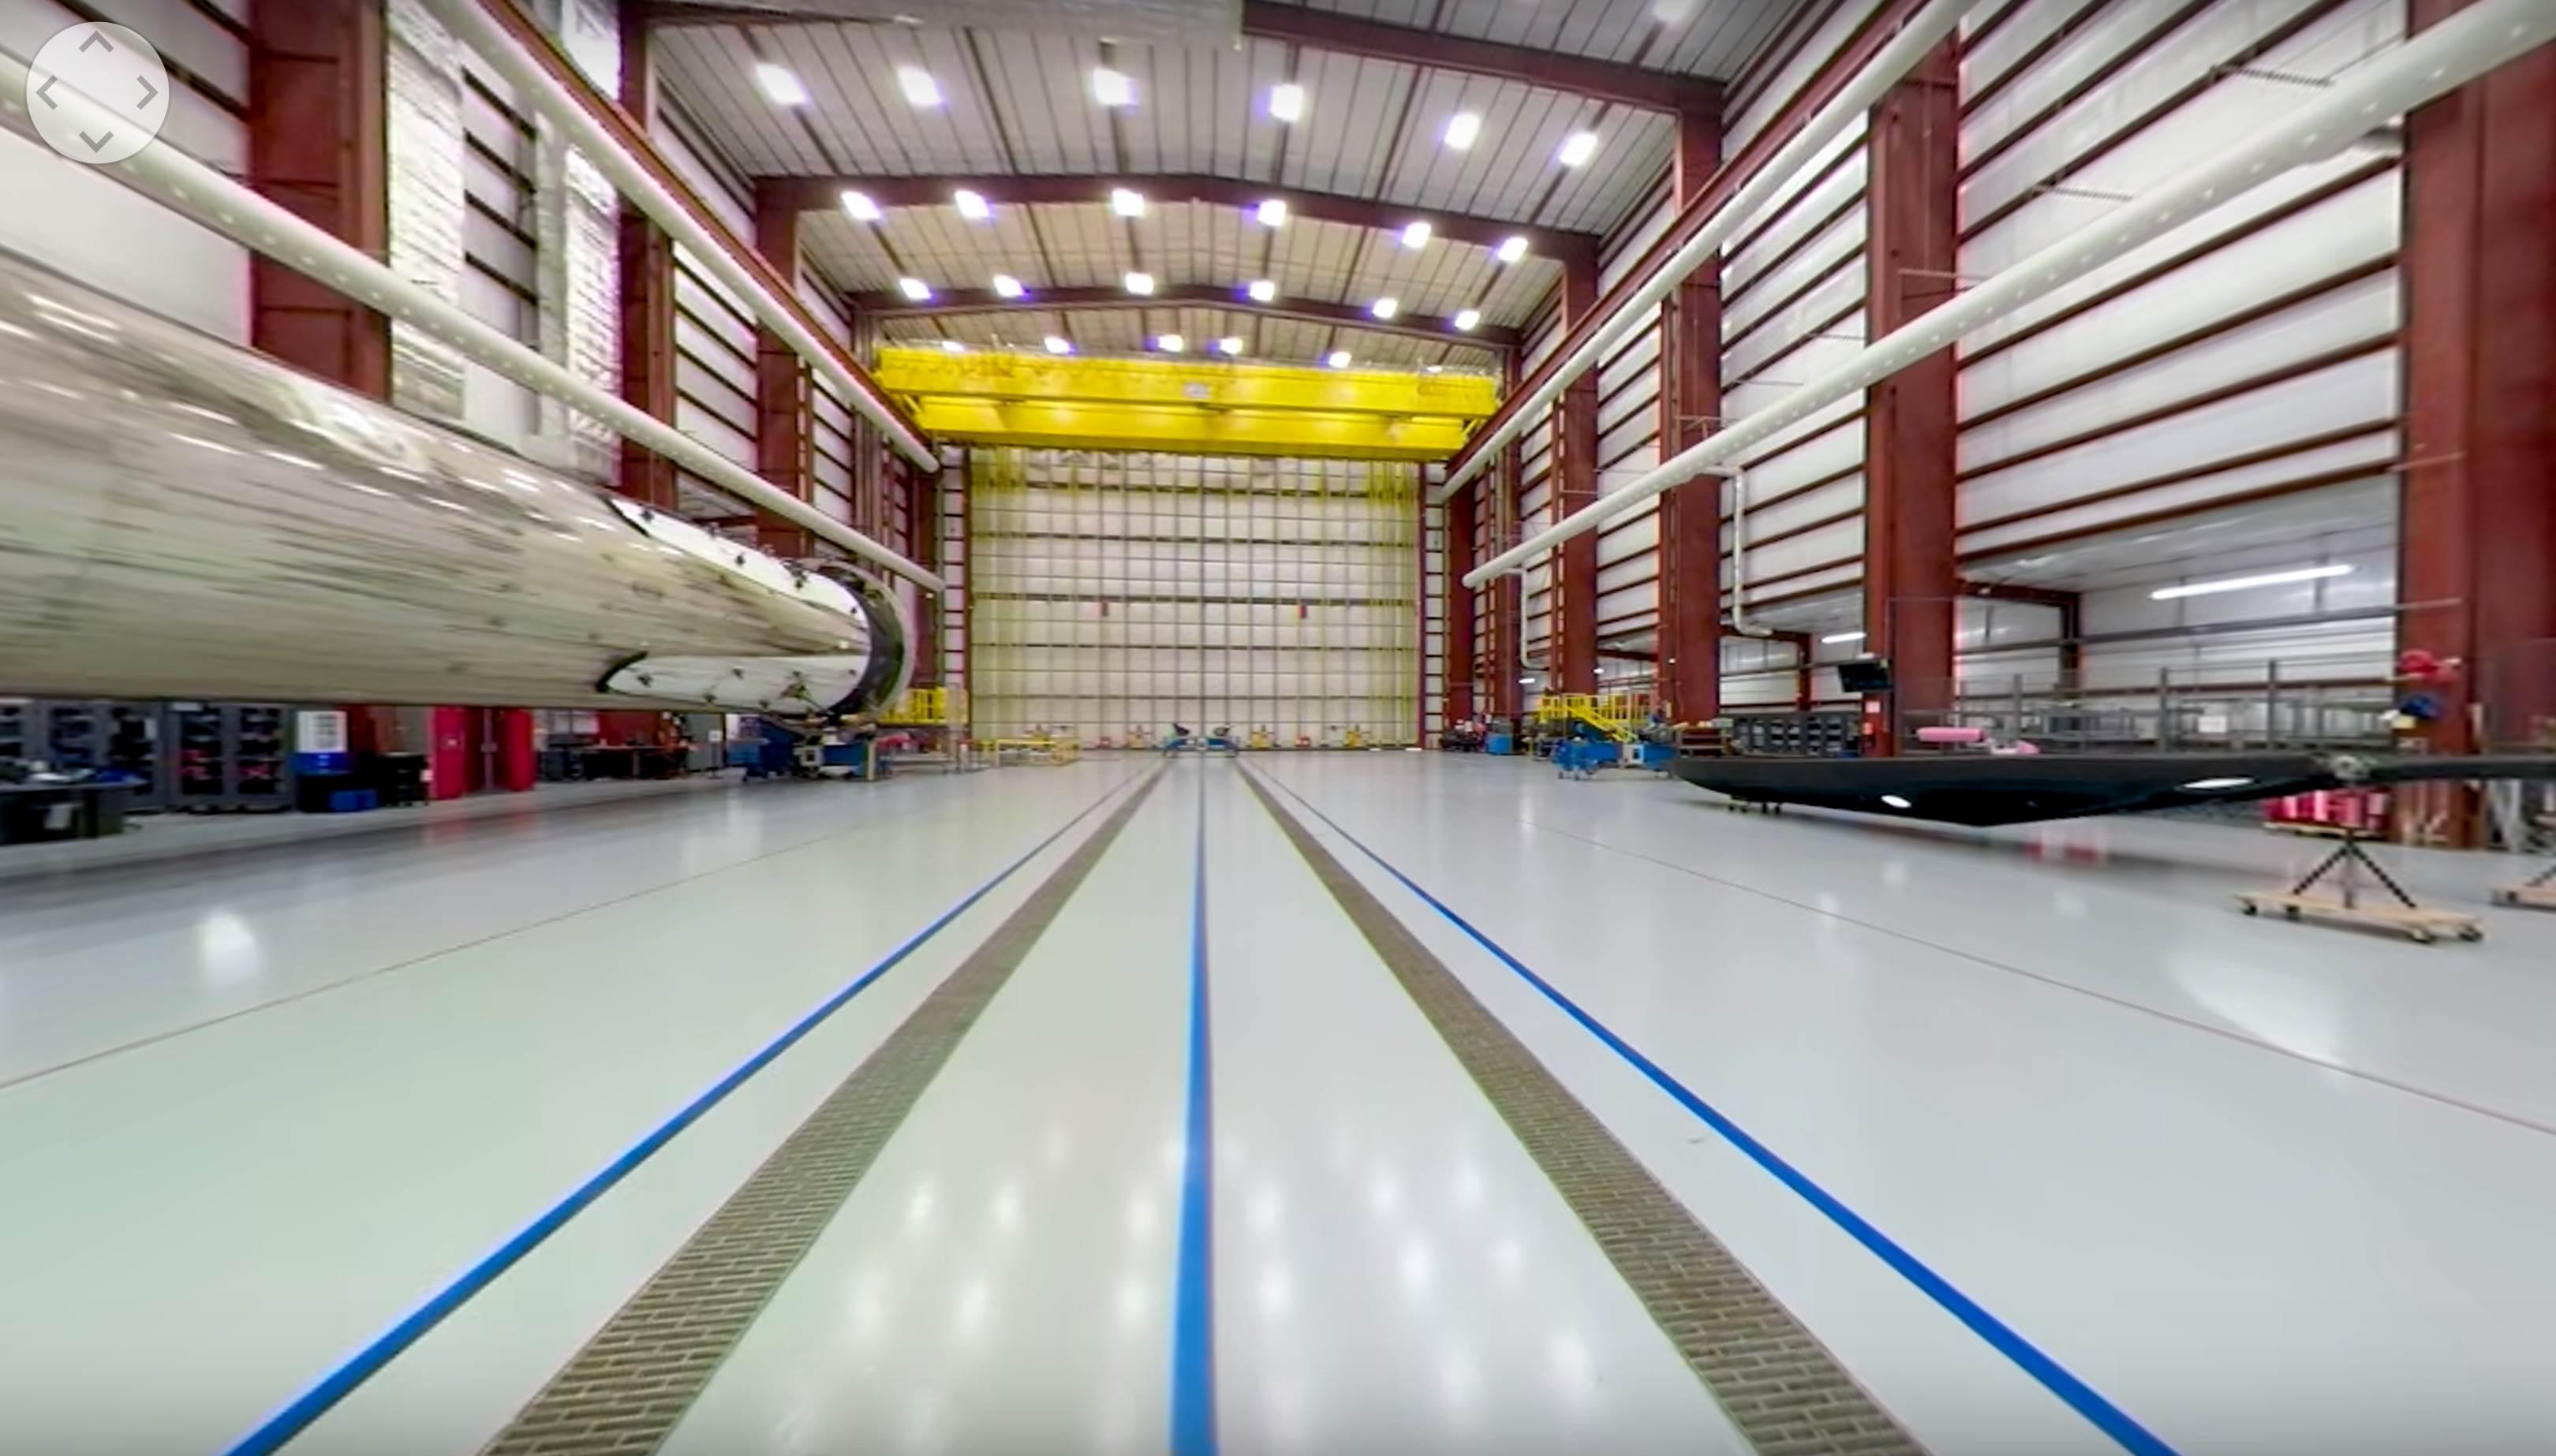 LC-39A tour 2019 (NASA) 1